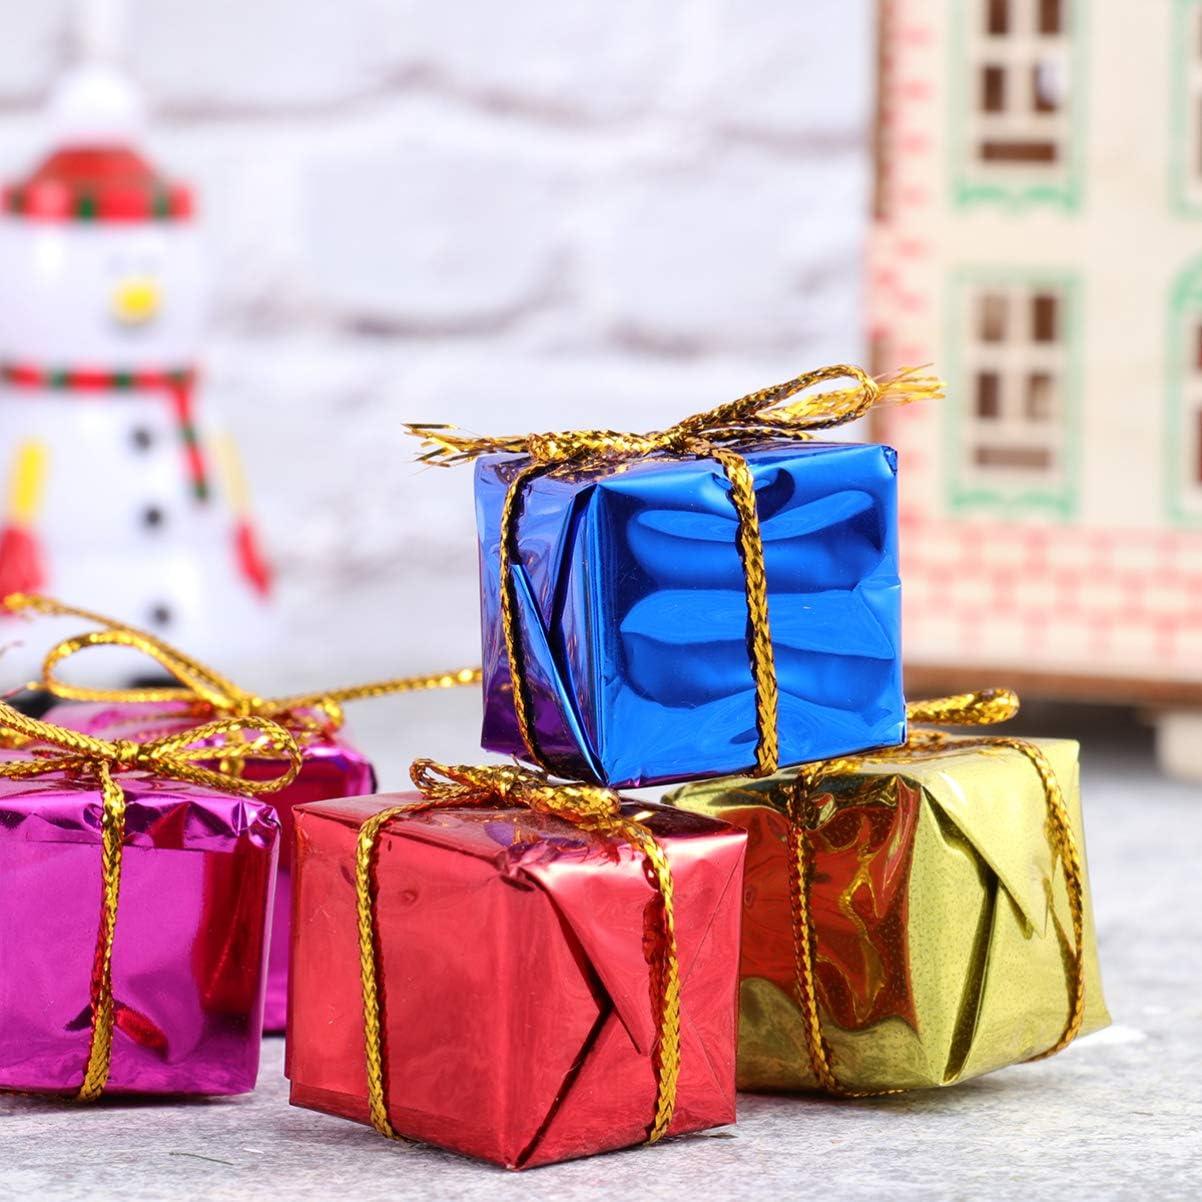 Tomaibaby Confezione Regalo Albero di Natale 60 Pezzi Ornamenti Pacchetto in Miniatura Mini Confezione Regalo in Schiuma Lucida per Decorazione Appesa Albero di Natale Colore Casuale